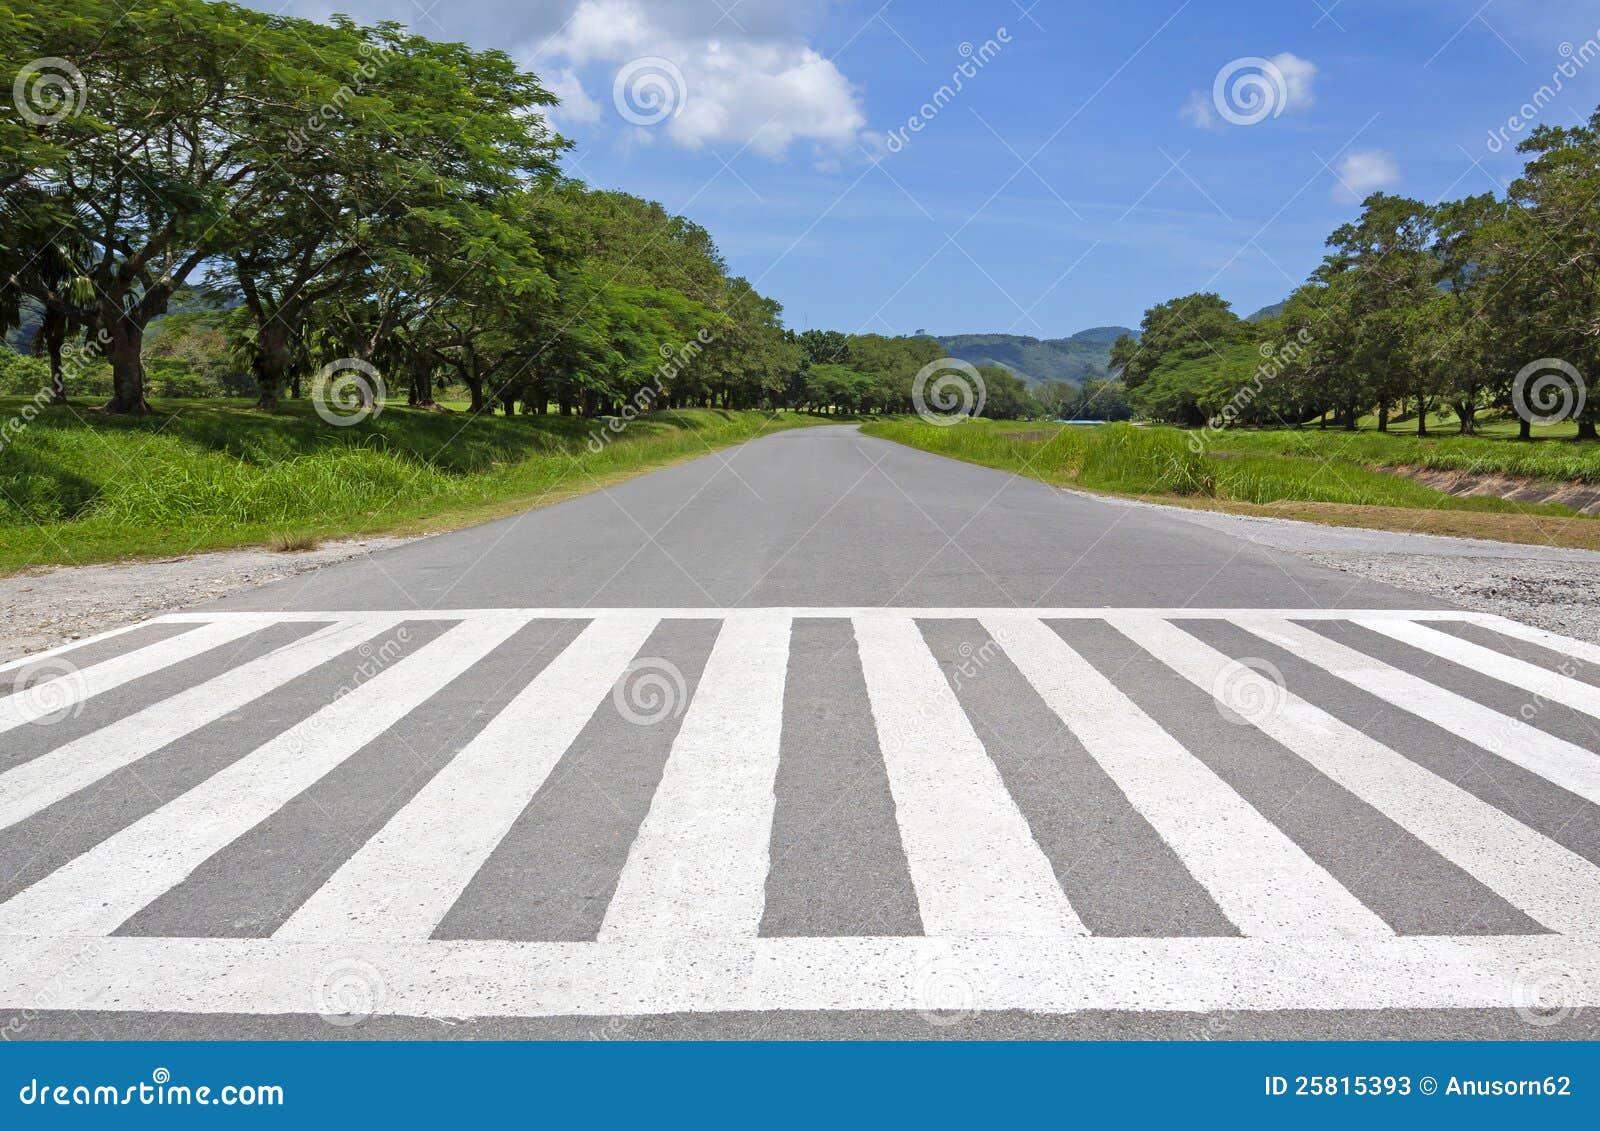 Zebry ruch drogowy spaceru sposób, przecinający sposób